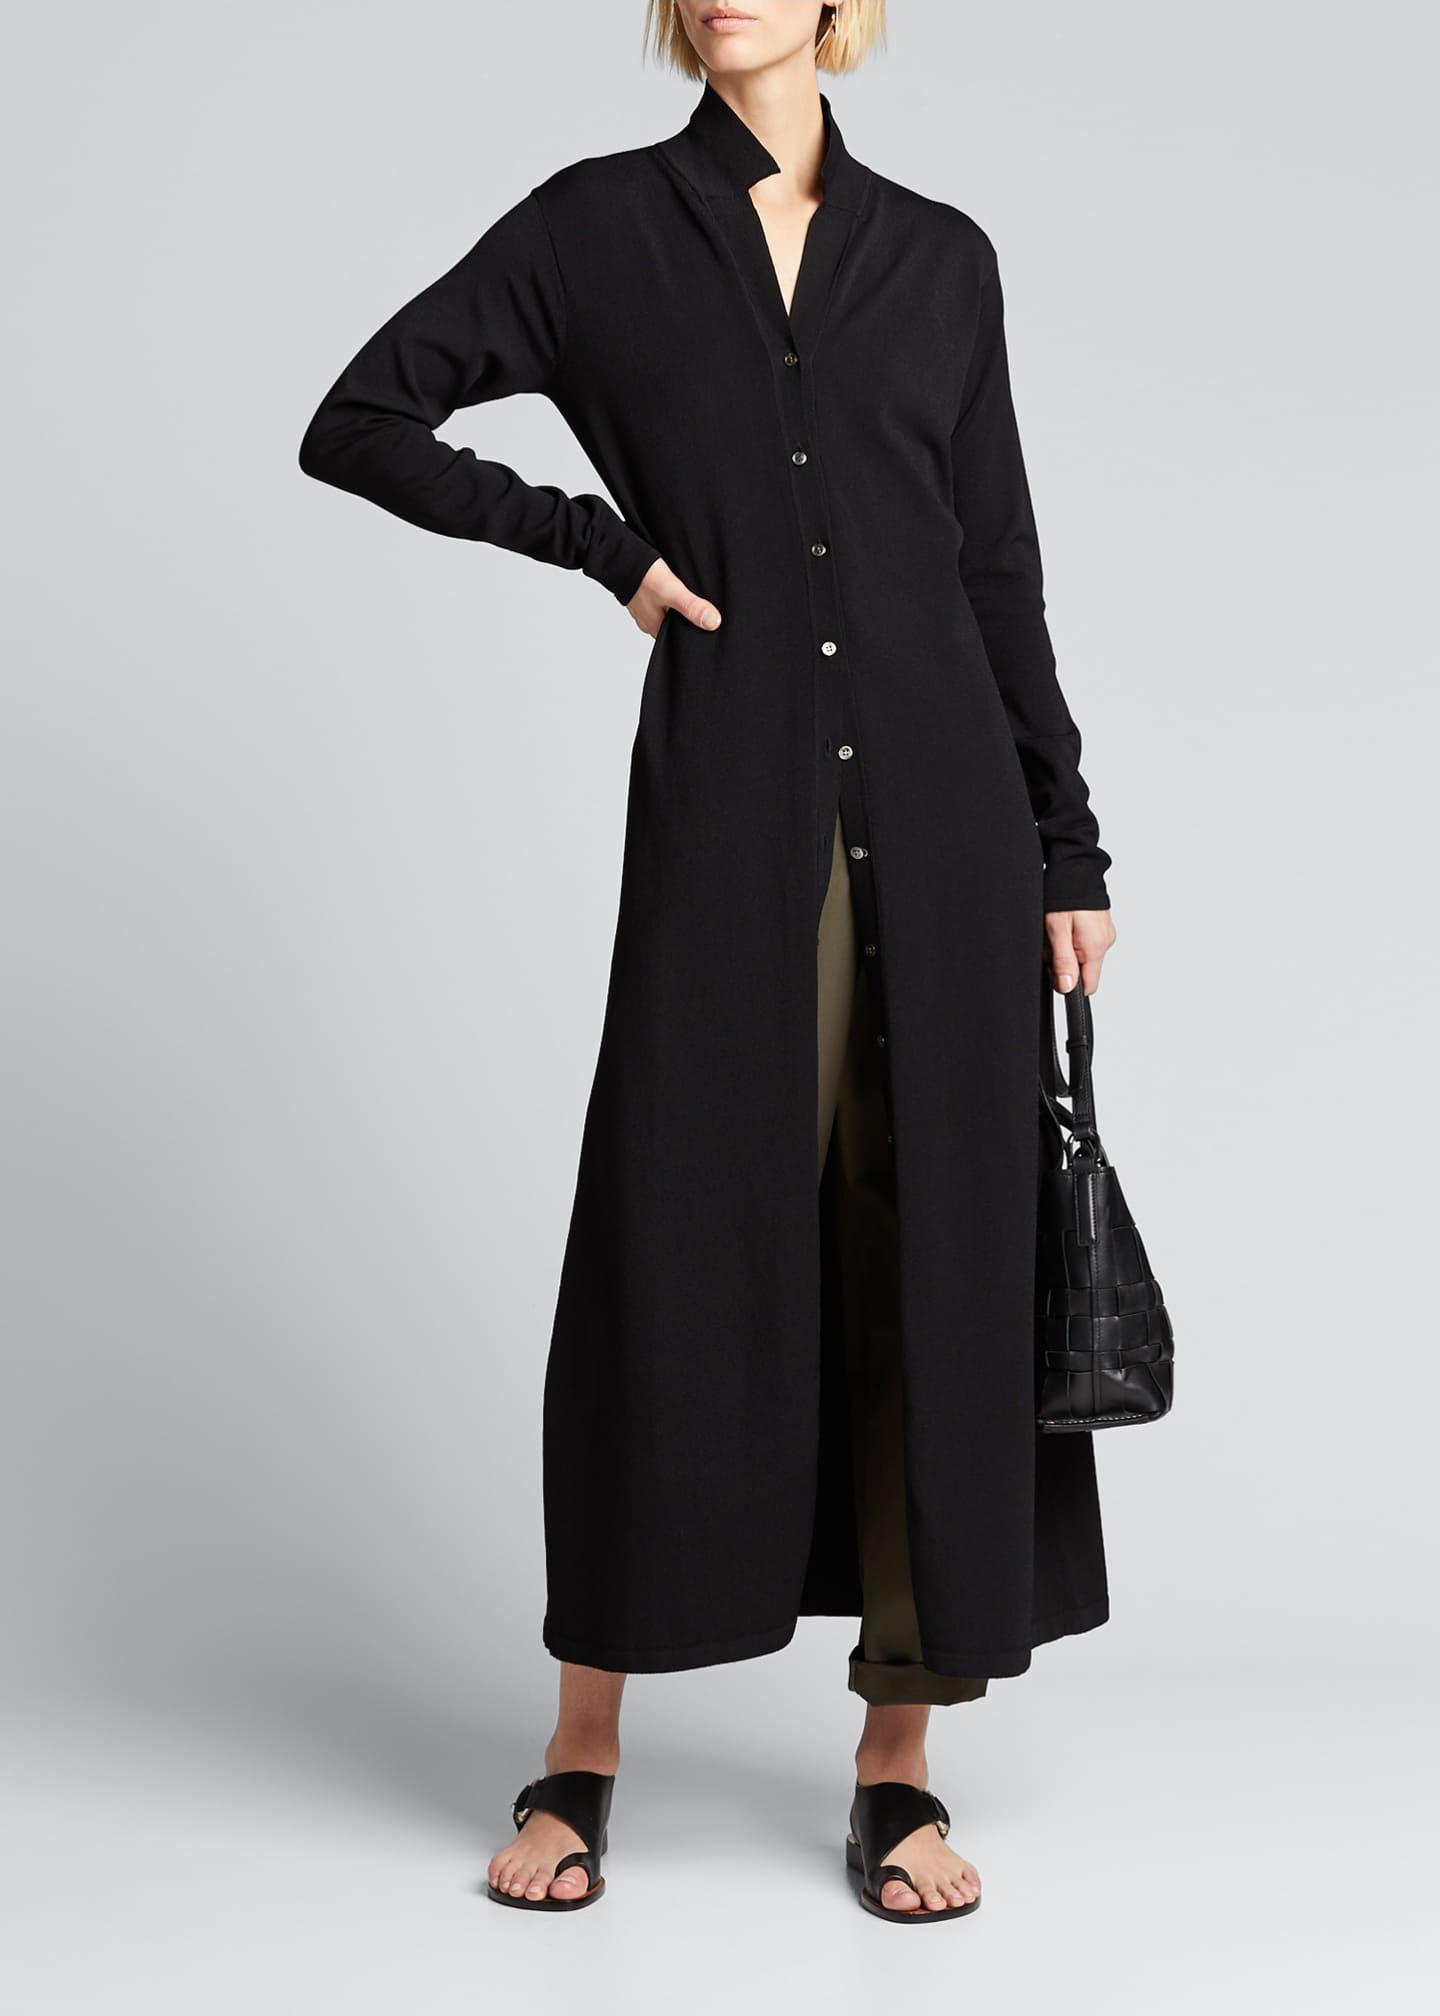 Deveaux New York Button-Front Maxi Dress